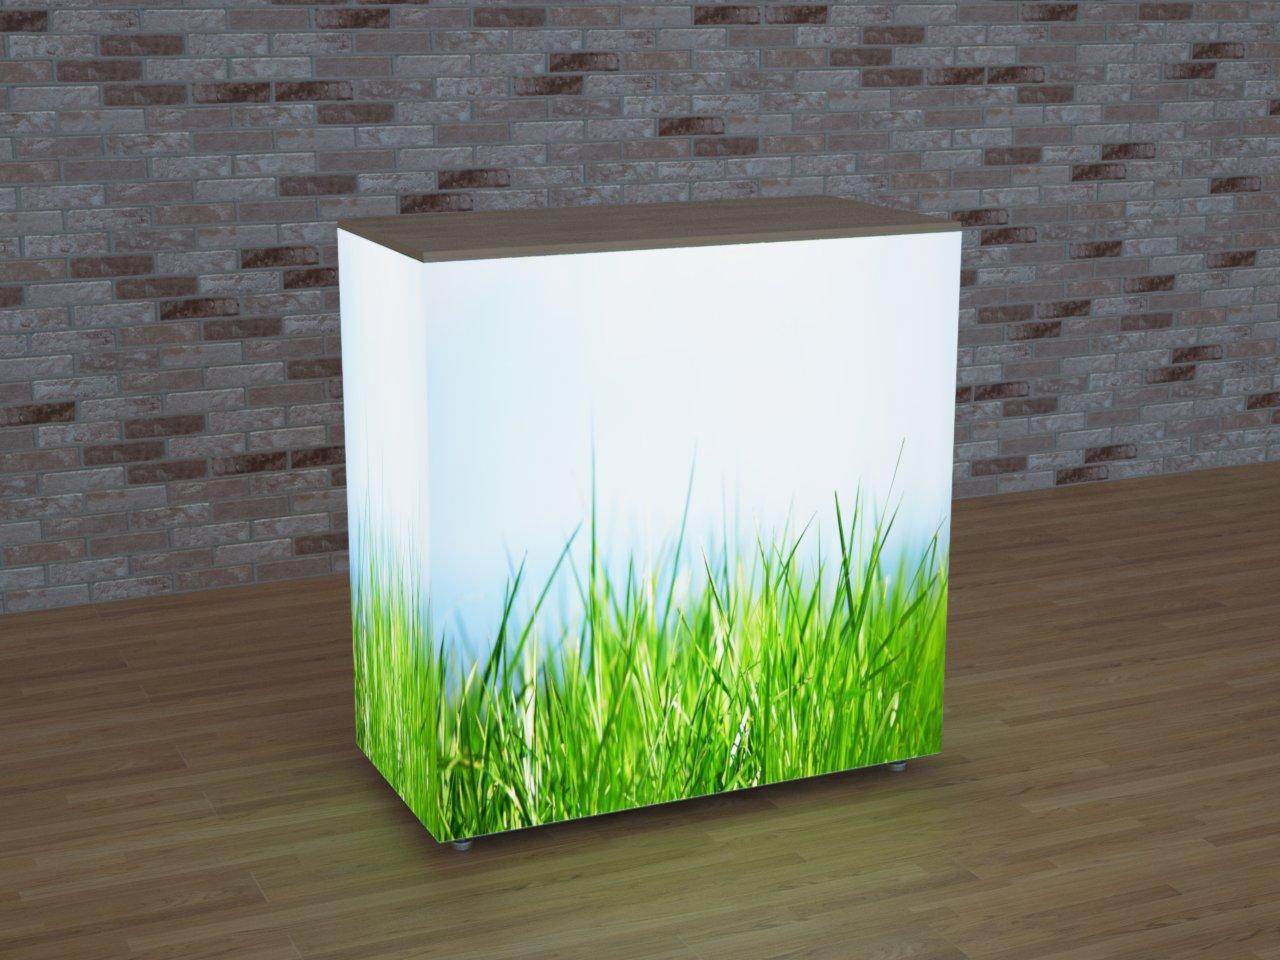 Balcão promocional em alumínio, retroiluminado com LEDs e imagem impressa em tecido